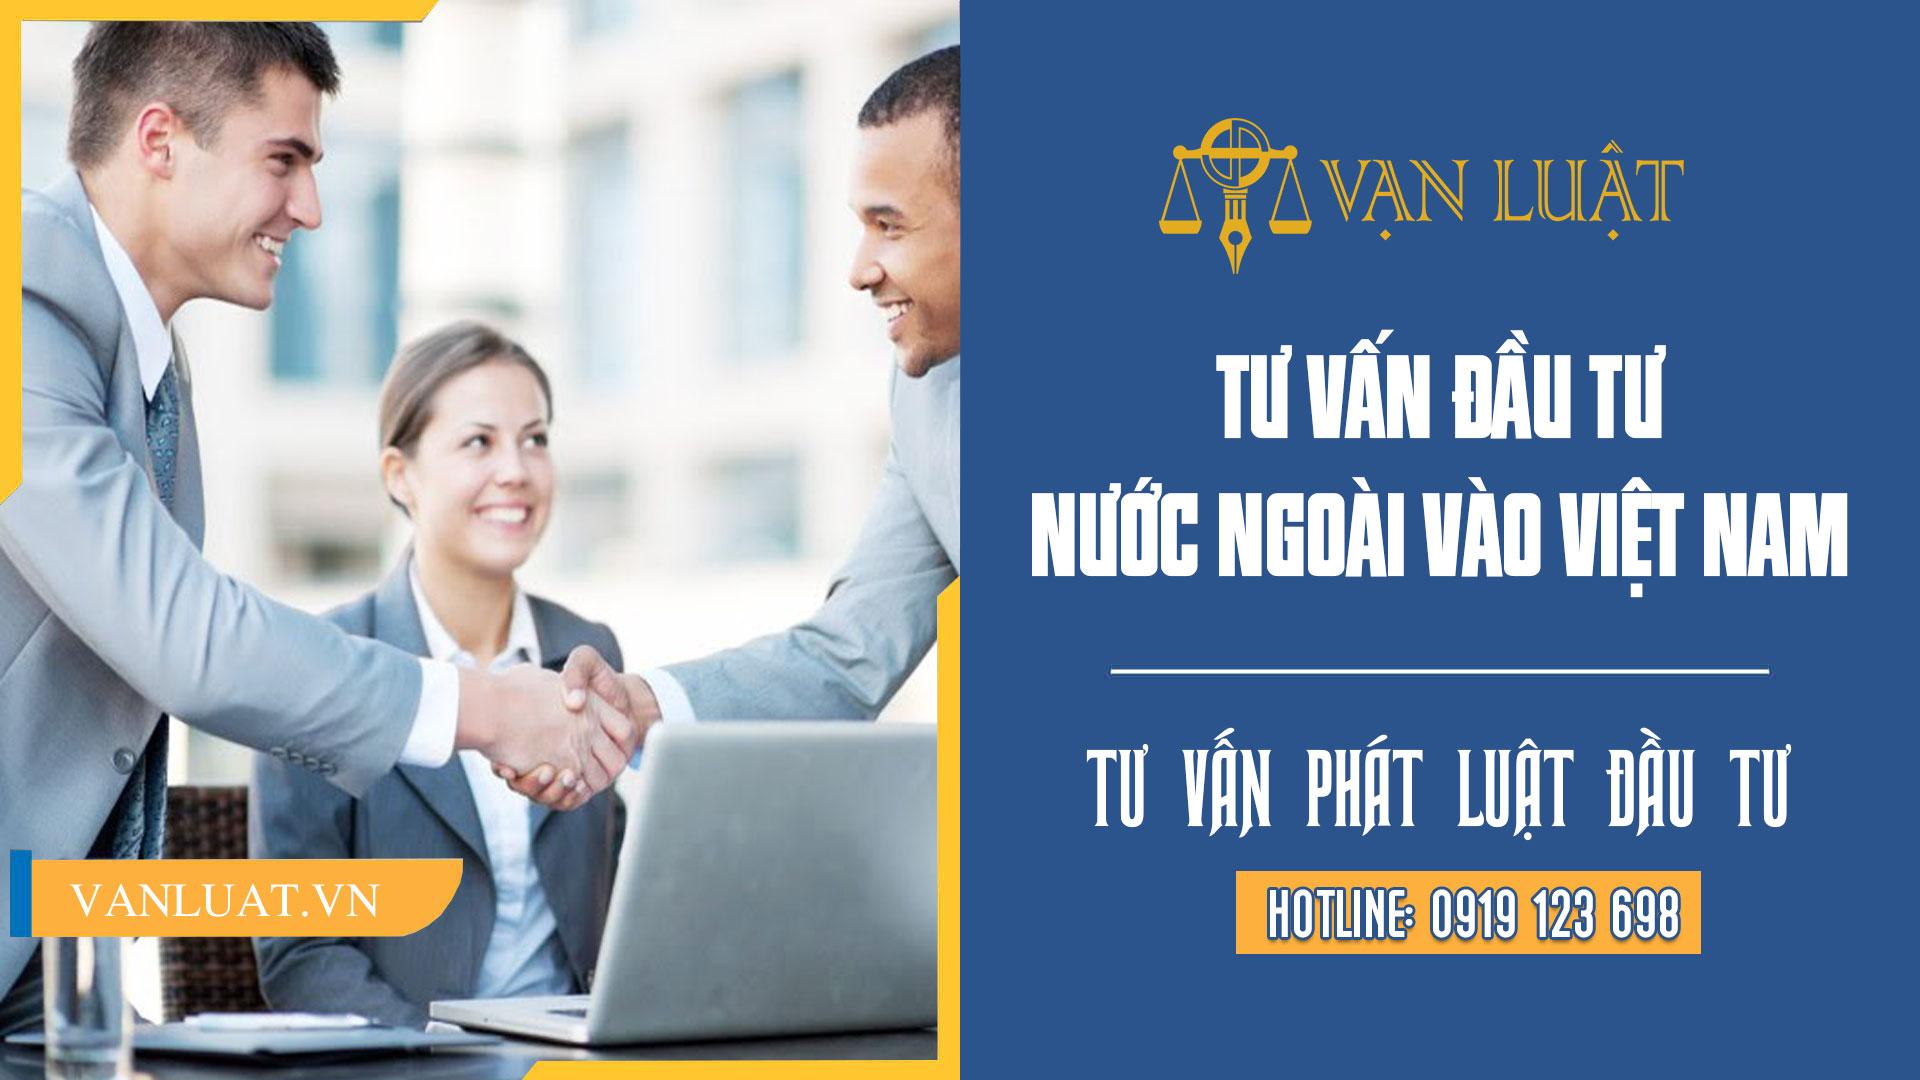 Tư vấn đầu tư nước ngoài vào Việt Nam - Hotline 0919 123 698